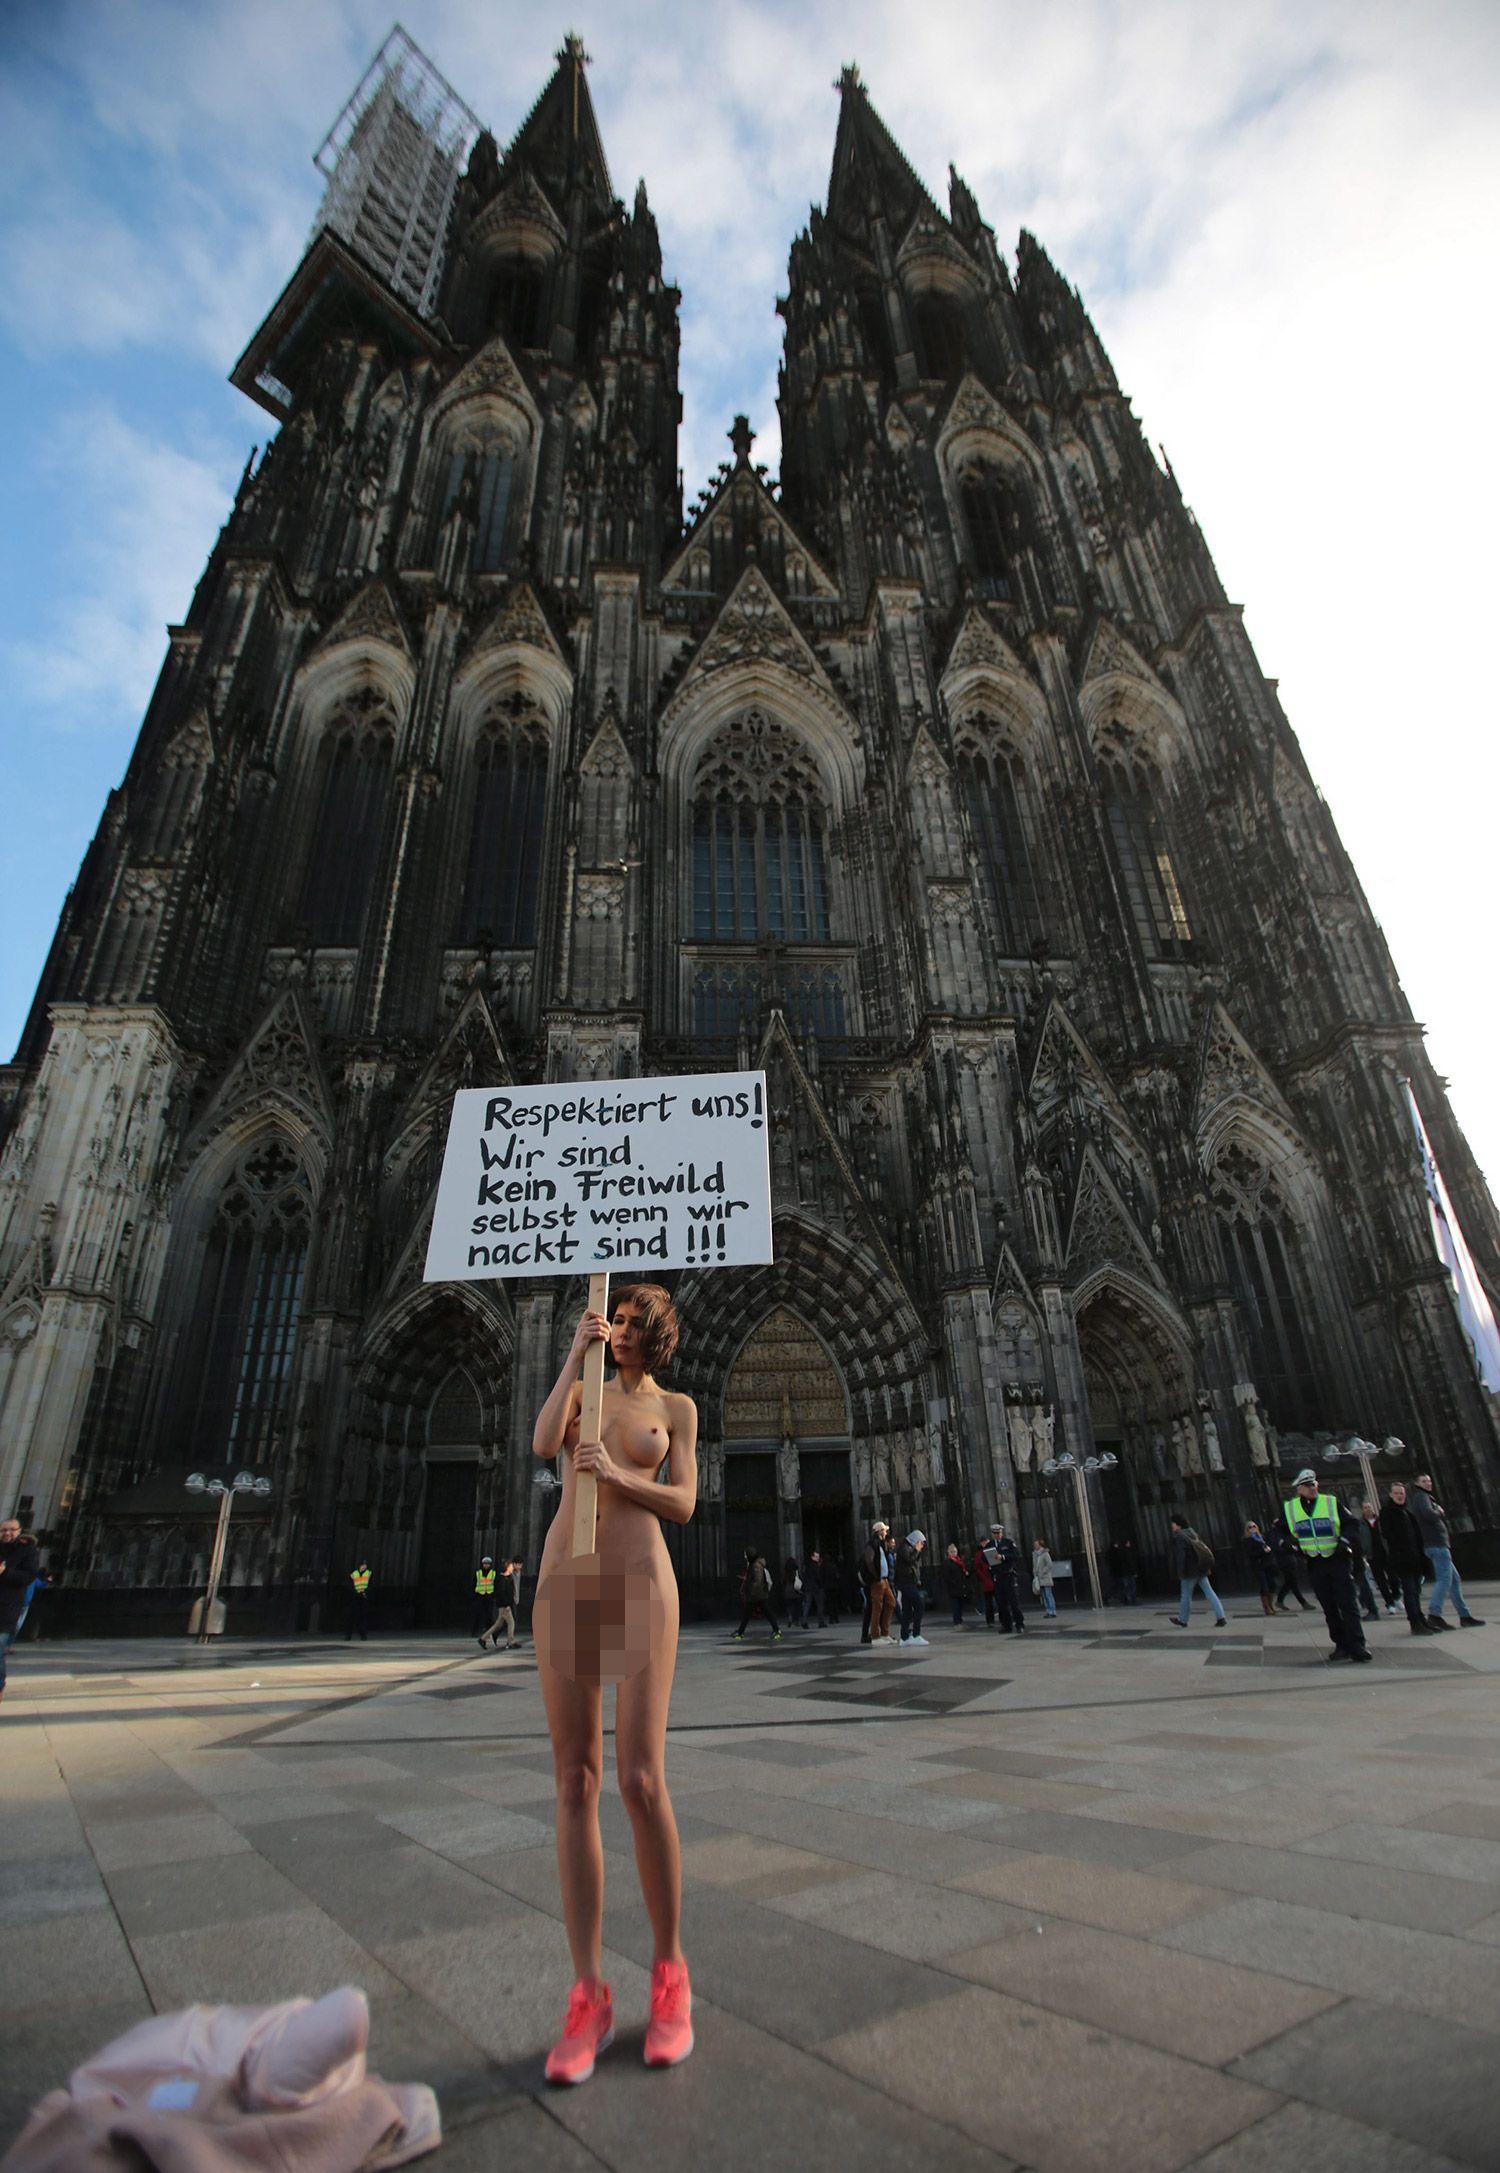 Swiss wife nude, brahmin sexy photos